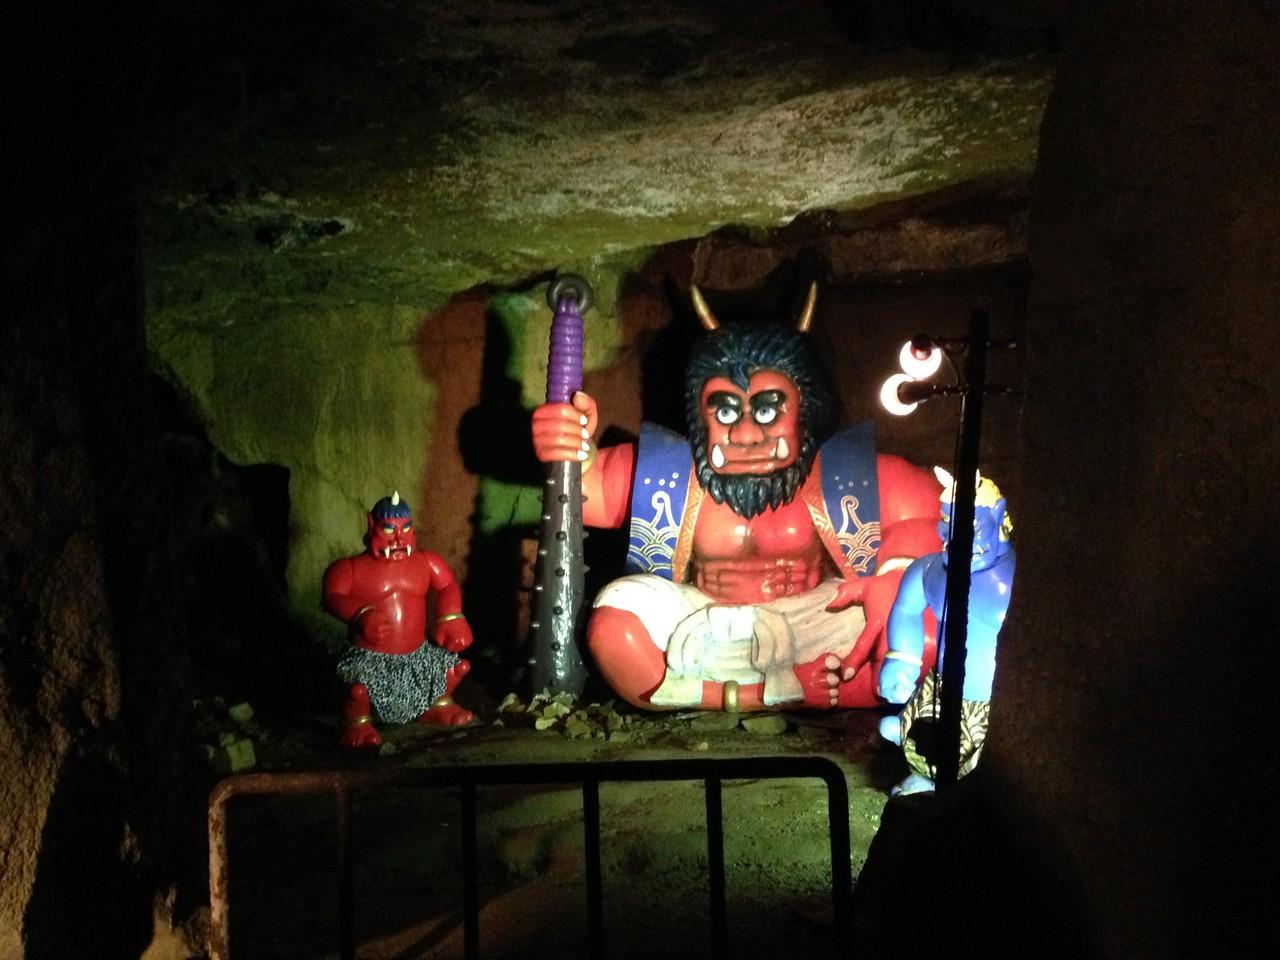 幻想的な展示の中、鬼の大王が…